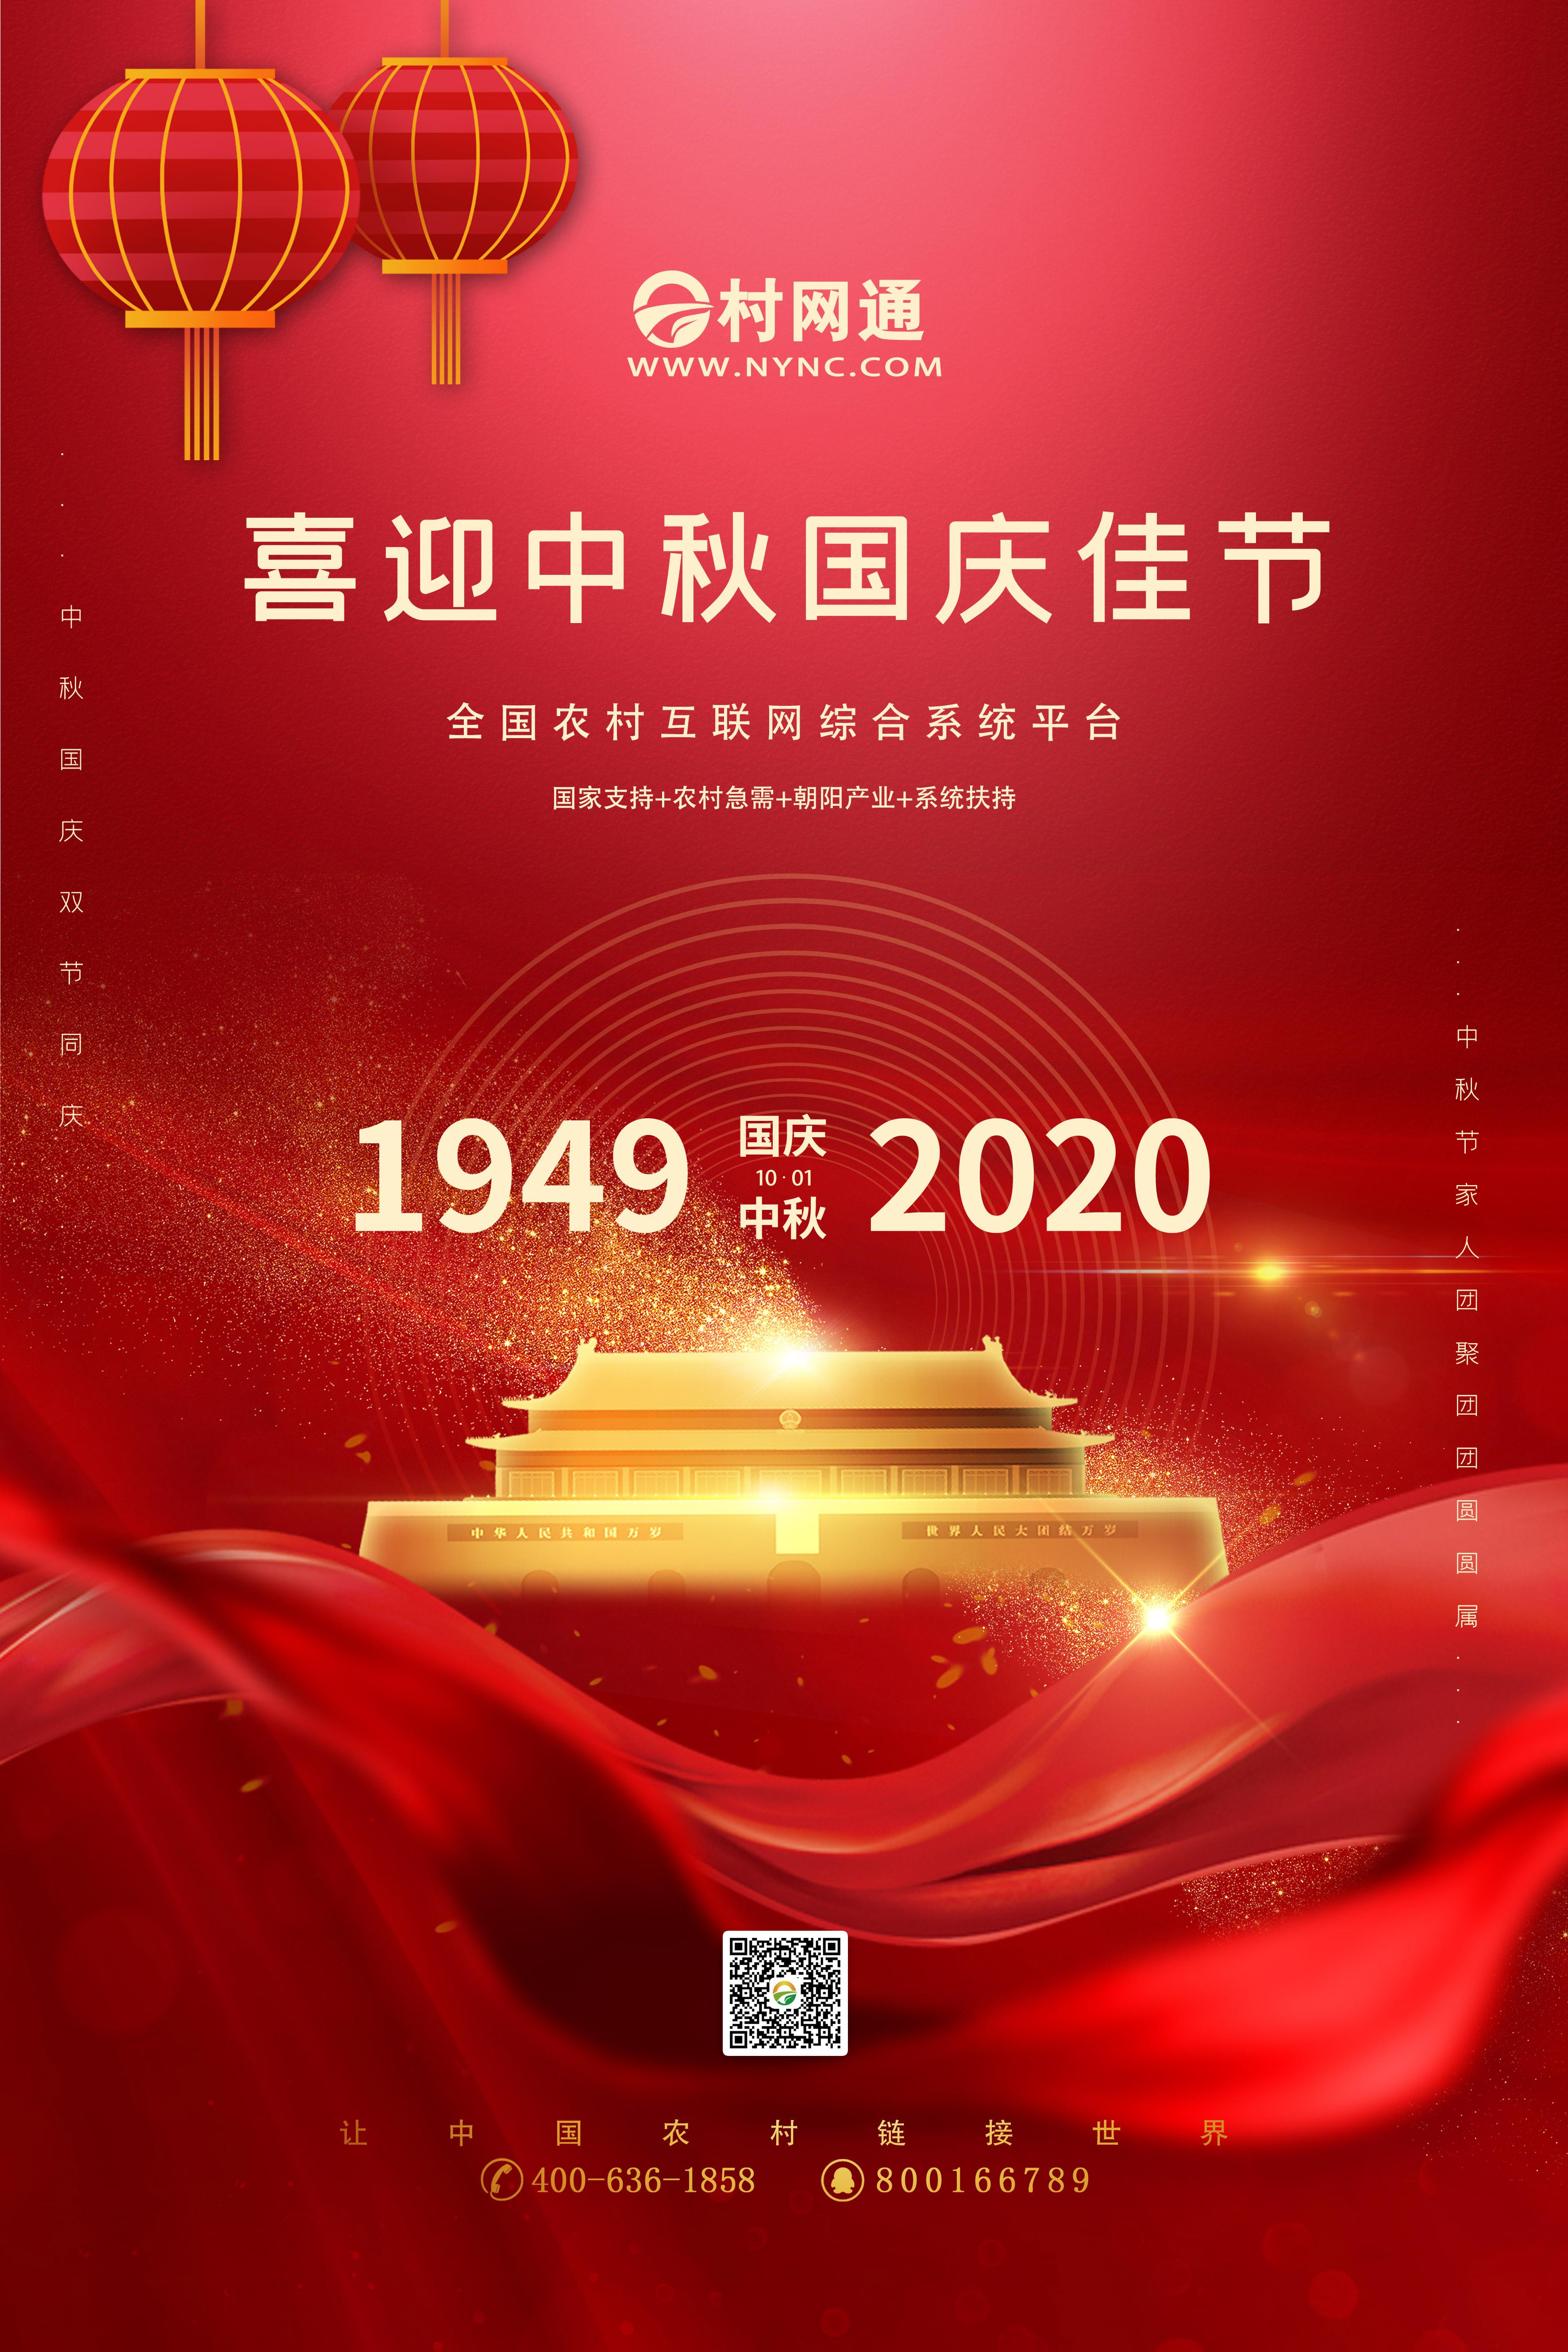 村网通国庆中秋双节专题宣传海报